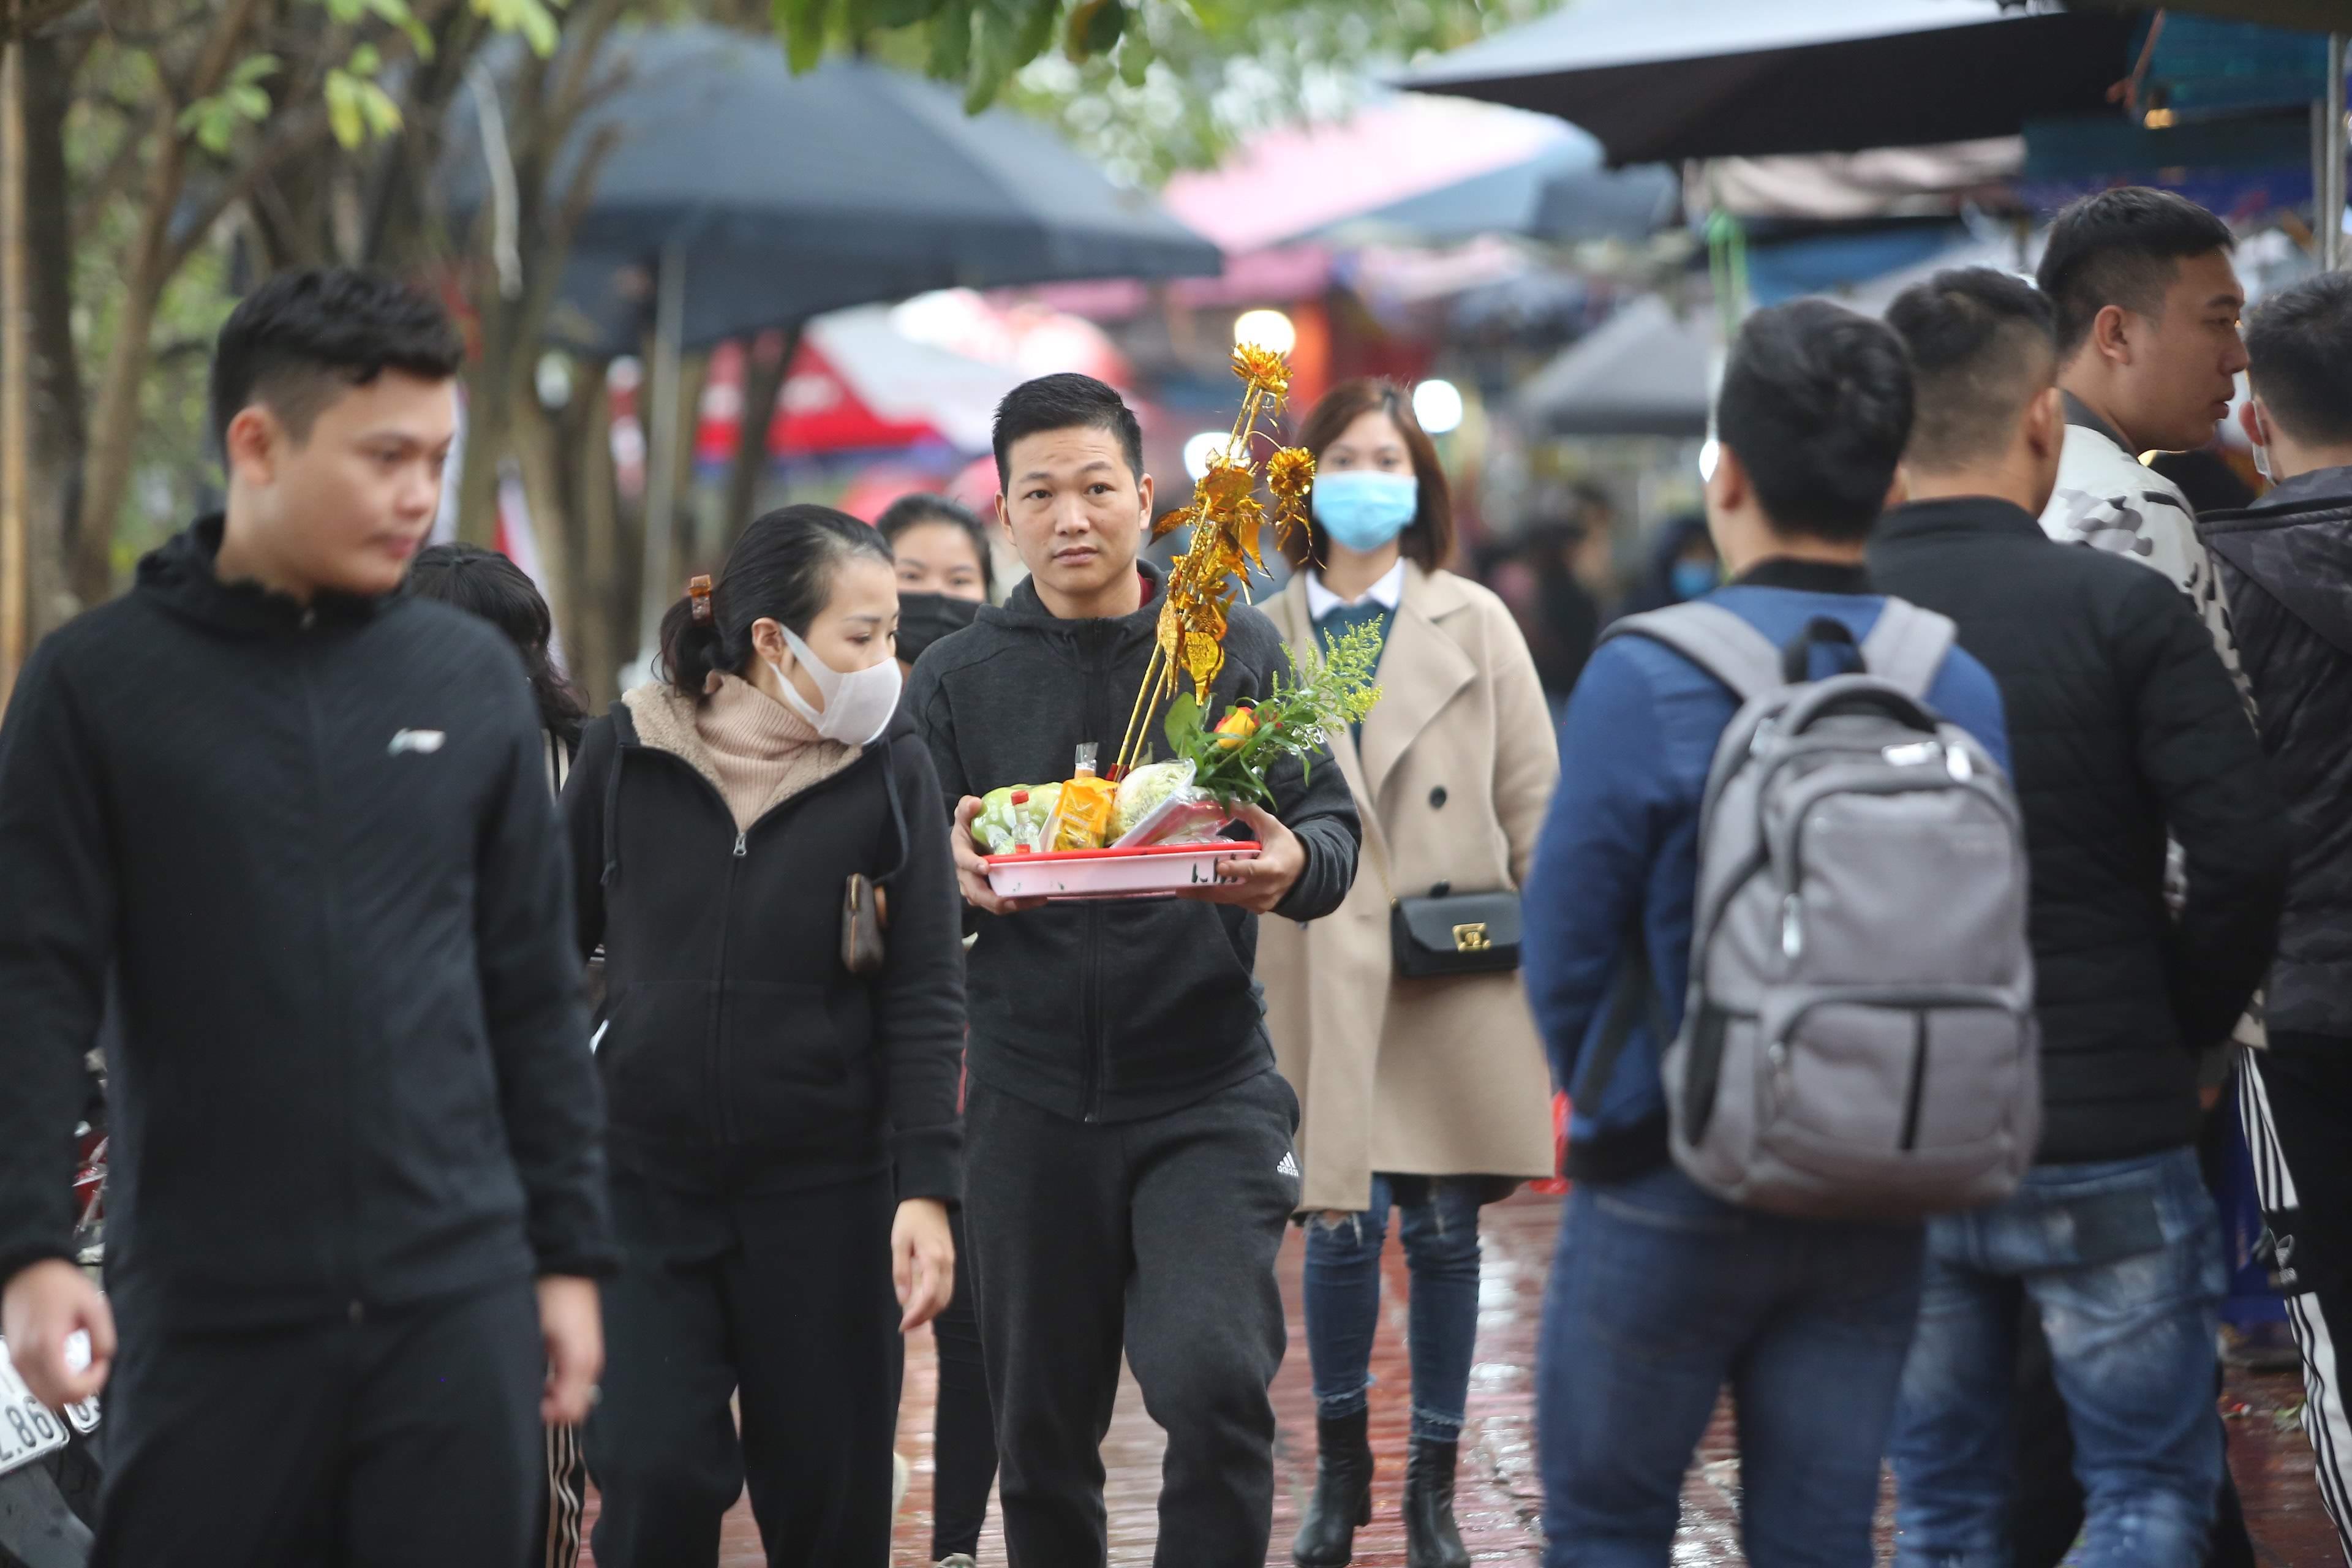 Sáng 8/2, theo ghi nhận của PV, có rất nhiều người dân vẫn đến Phủ Tây Hồ (Hà Nội) lễ bái, bất chấp những lời cảnh báo tụ tập nơi đông người được cơ quan chức năng đưa ra trước đó.